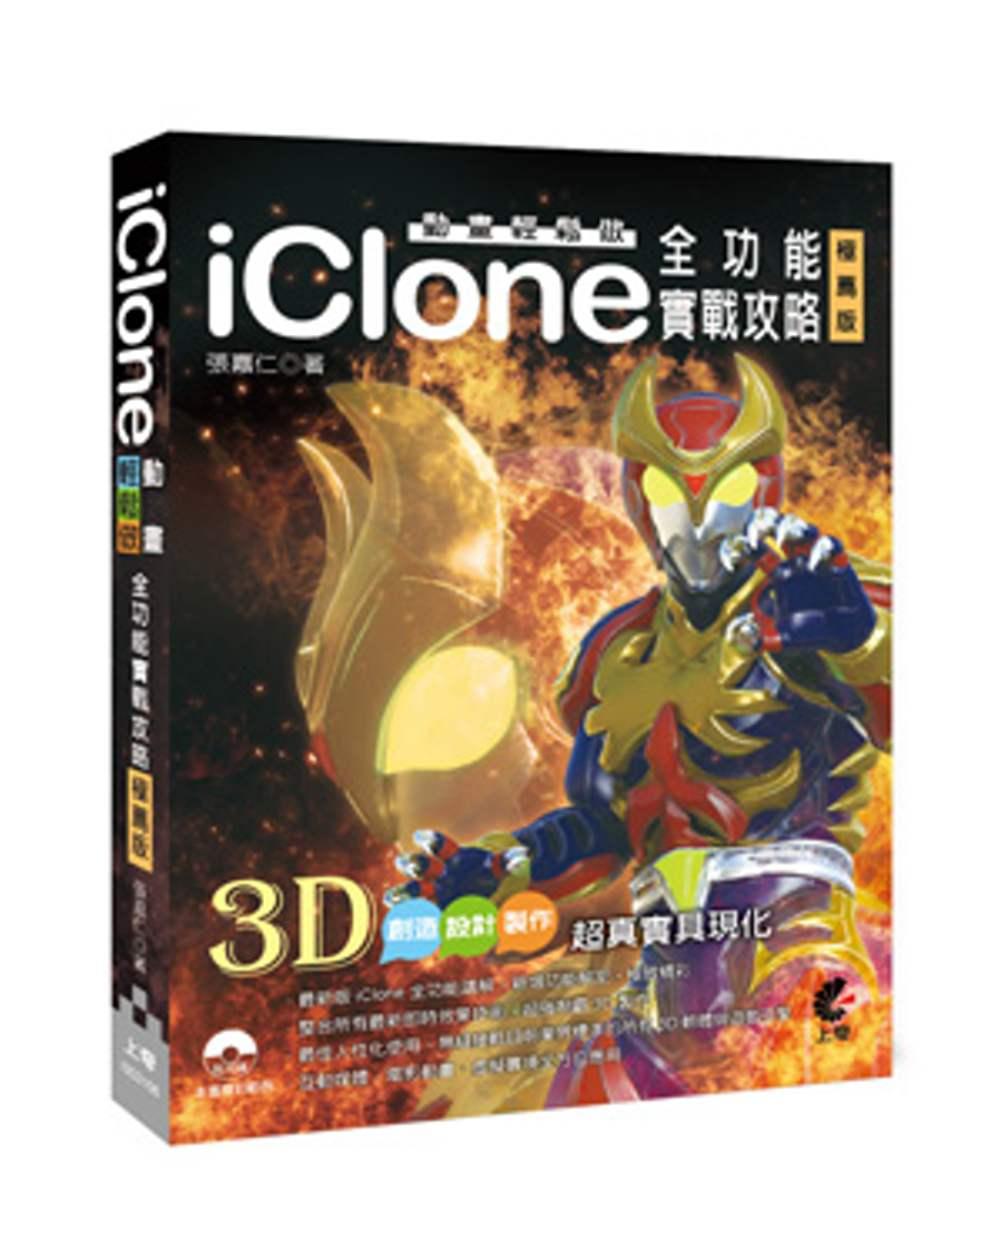 動畫輕鬆做:iClone全功能...